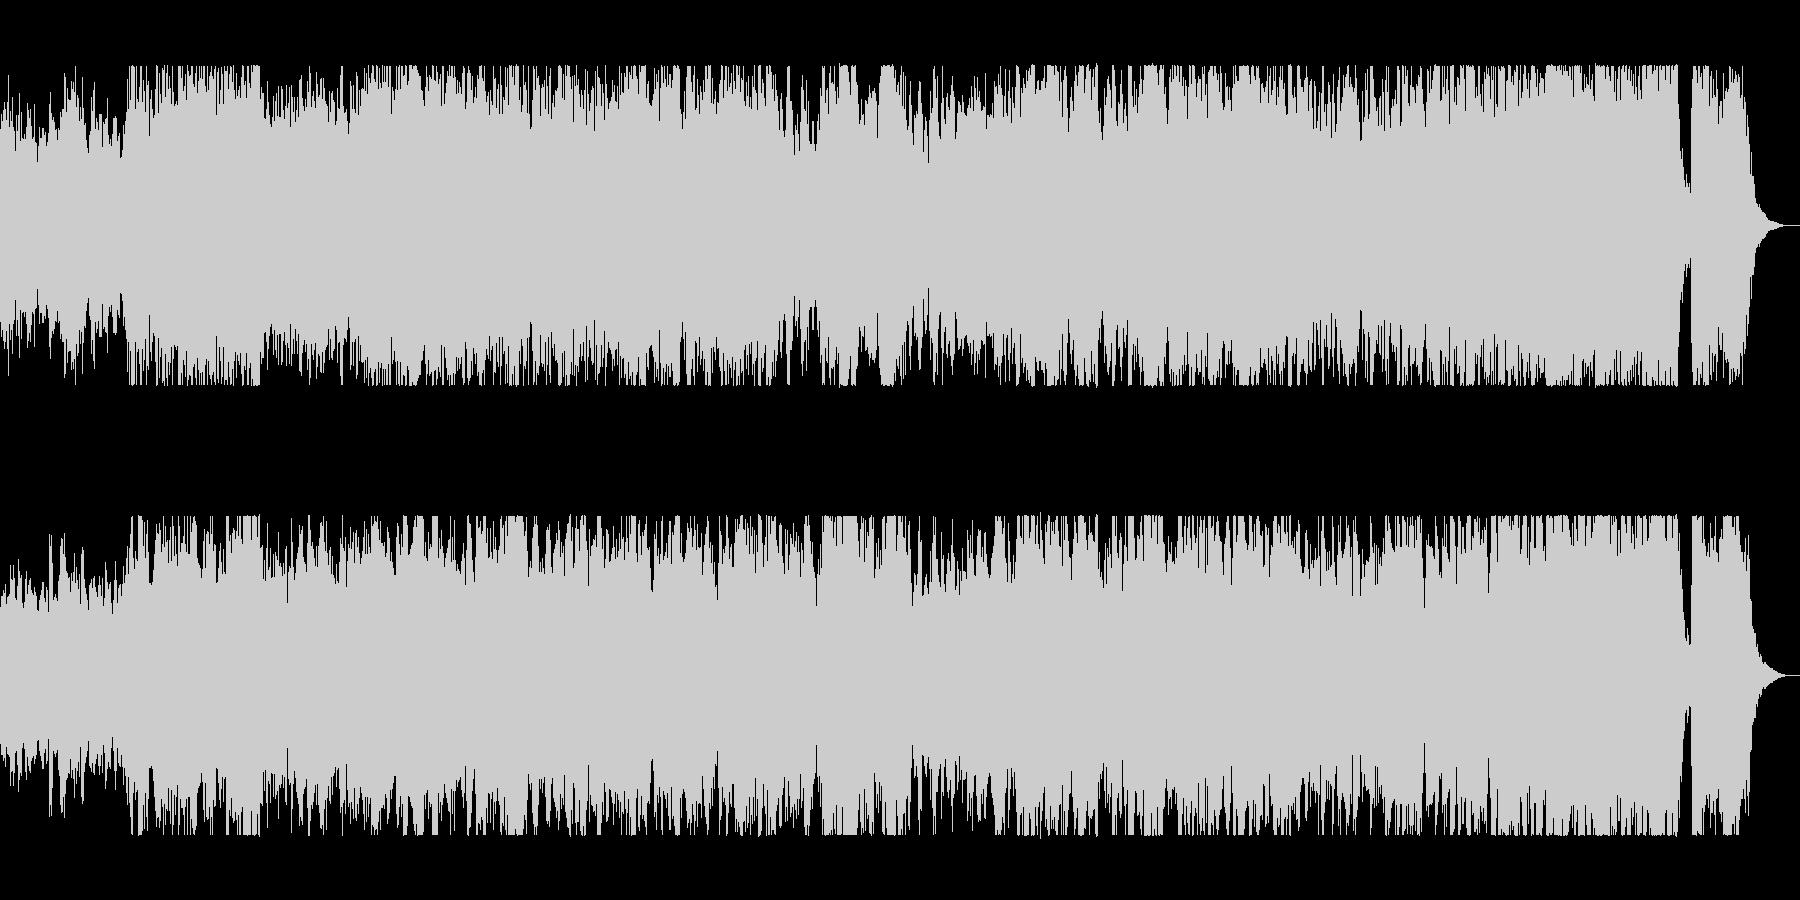 躍動感のあるオーケストラサウンドの未再生の波形